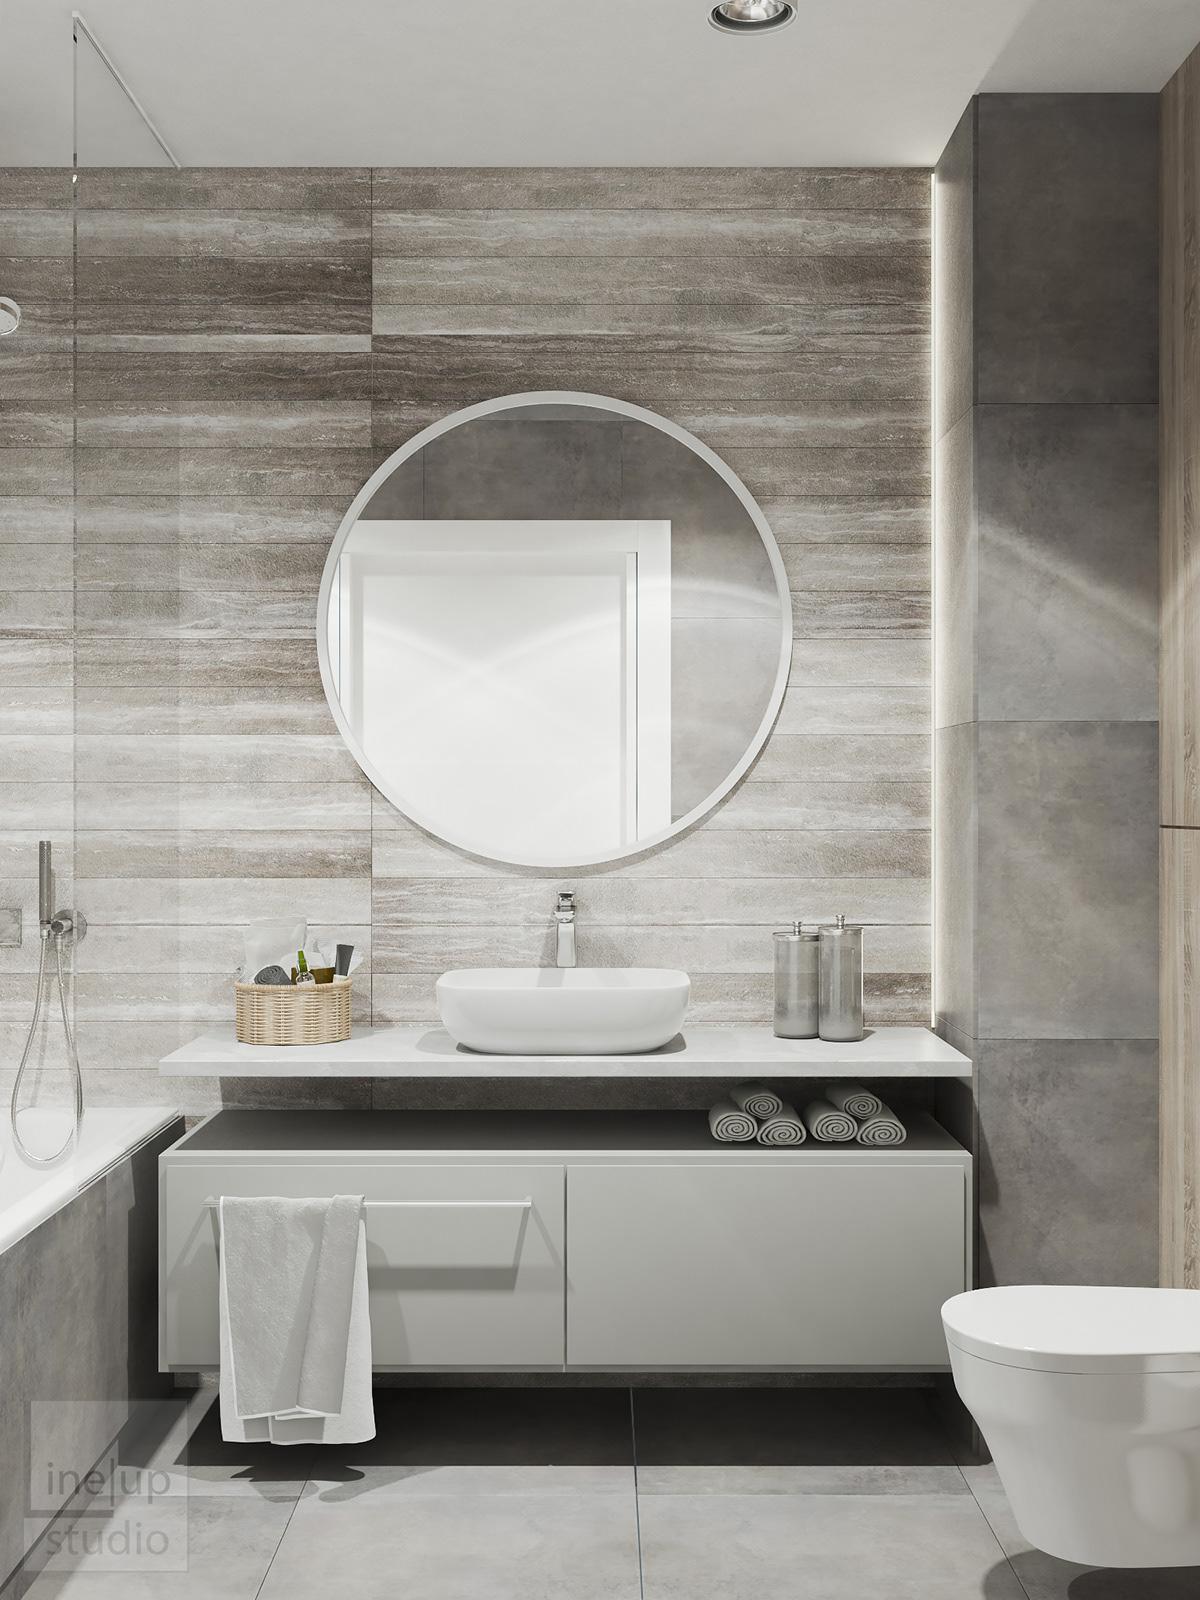 3dsmax vray Vizualization Project Interior design apartment poland